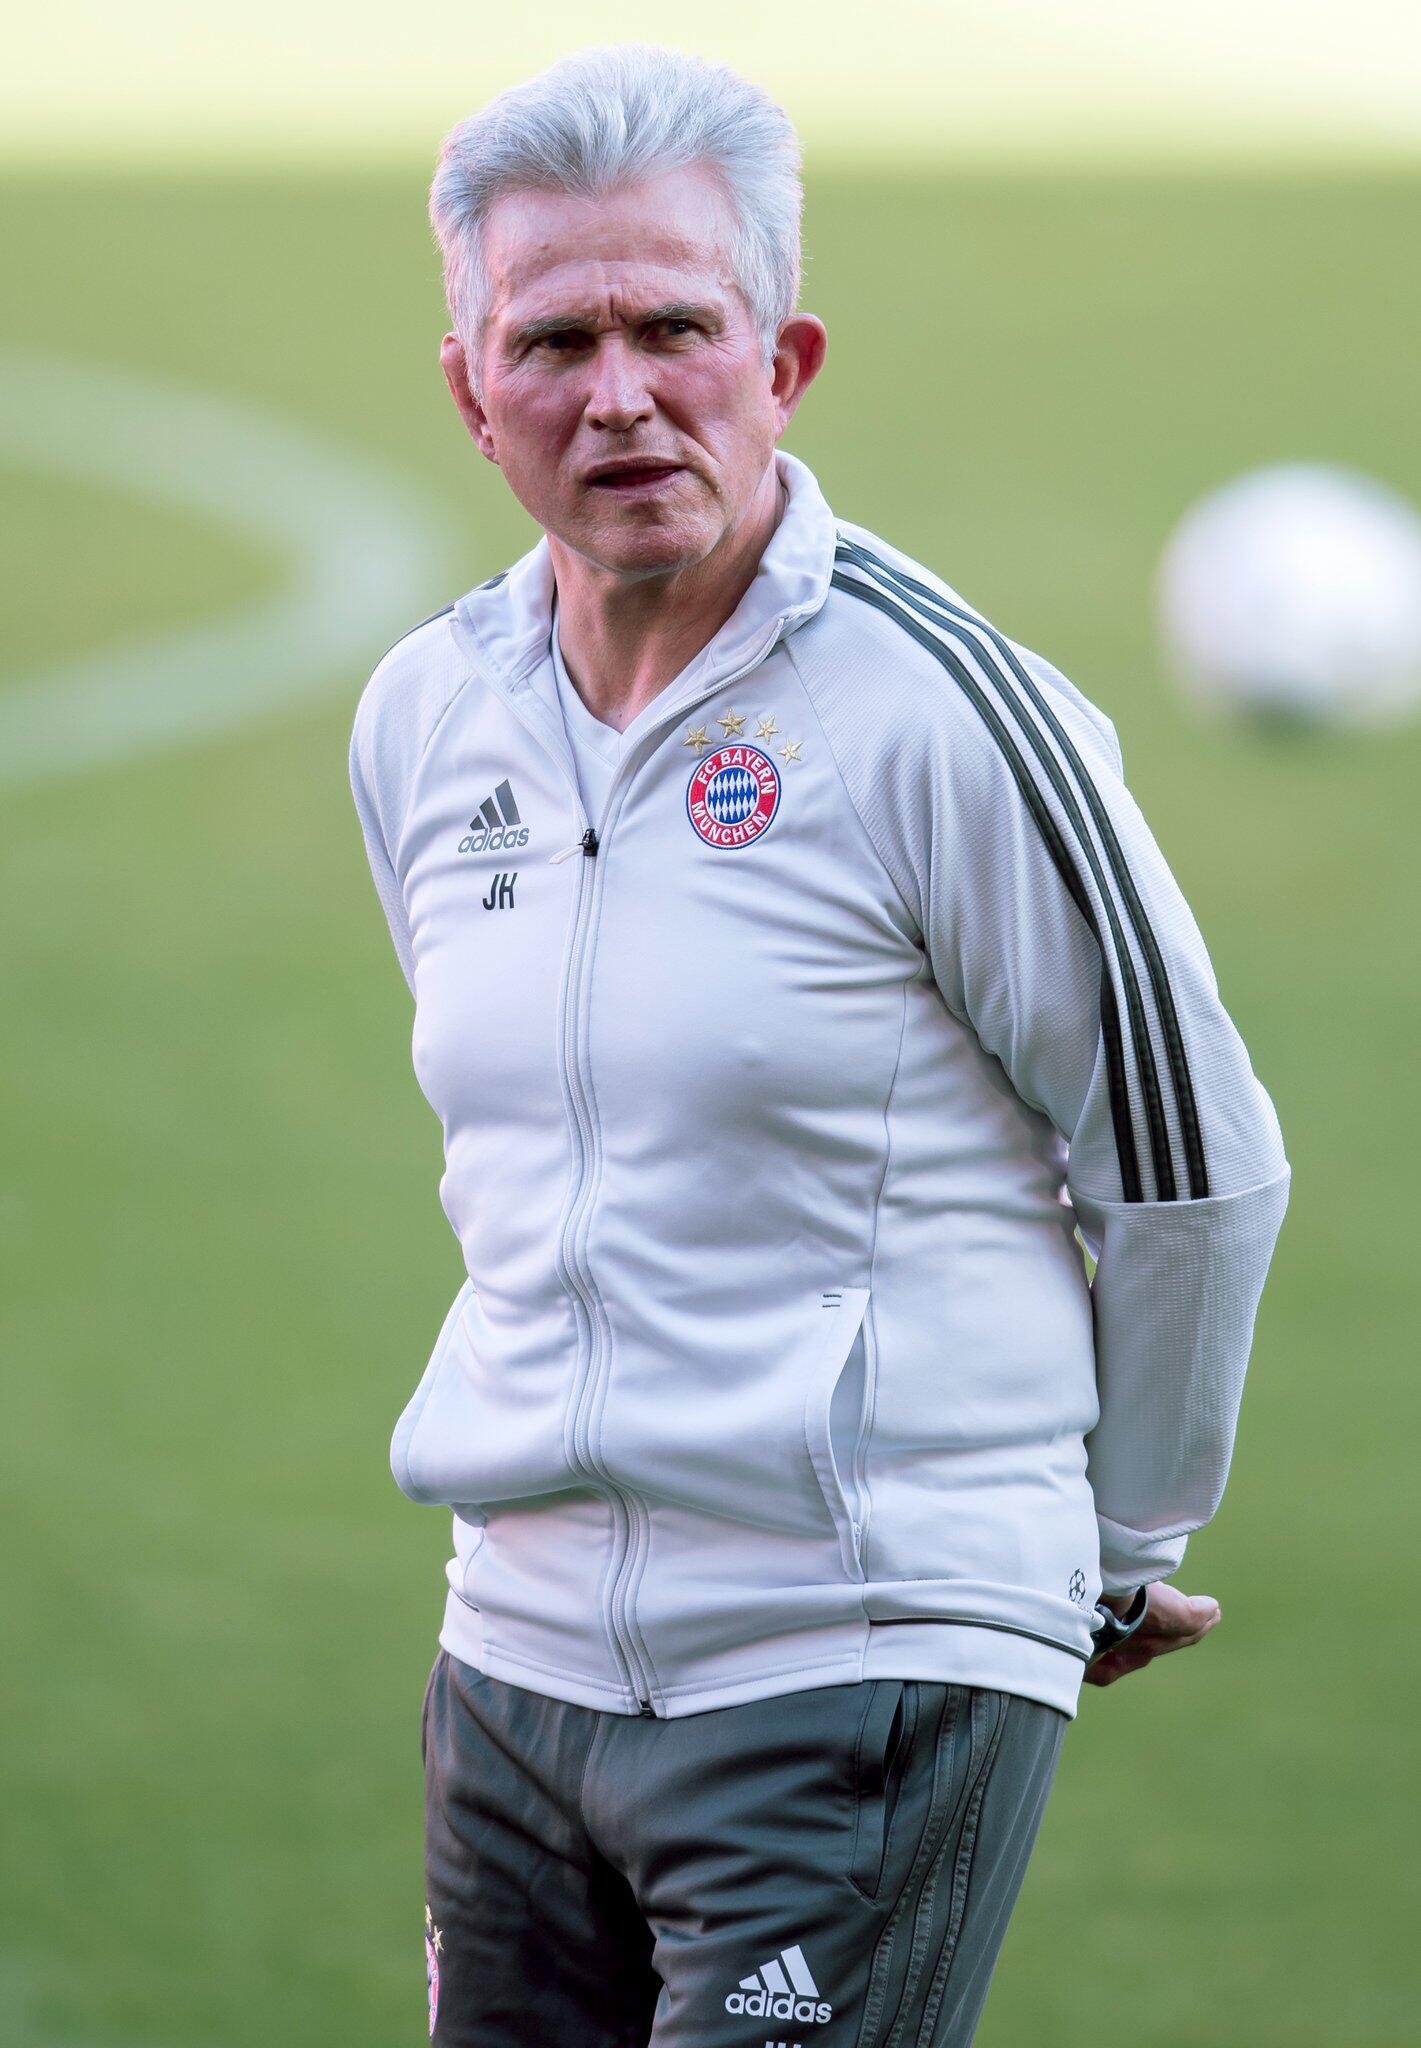 Bild zu UEFA Champions League - Bayern Munich training session